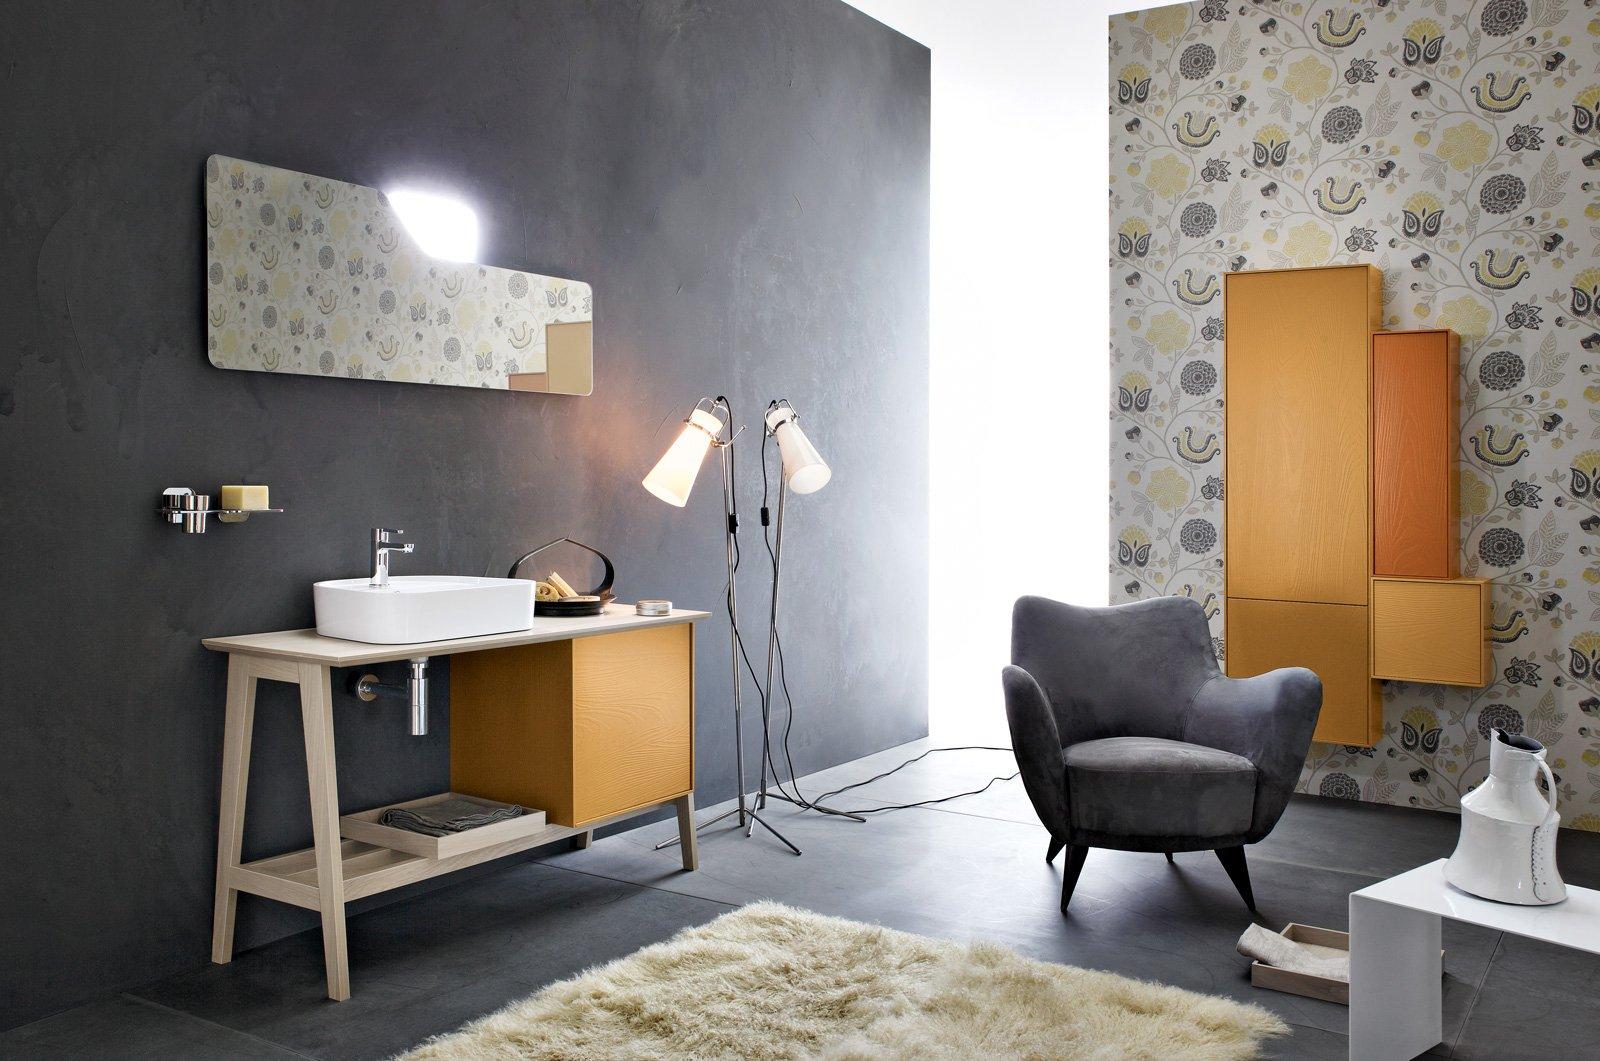 Cersaie 2015 i nuovi mobili per l 39 arredobagno cose di casa for Mobili per arredare casa